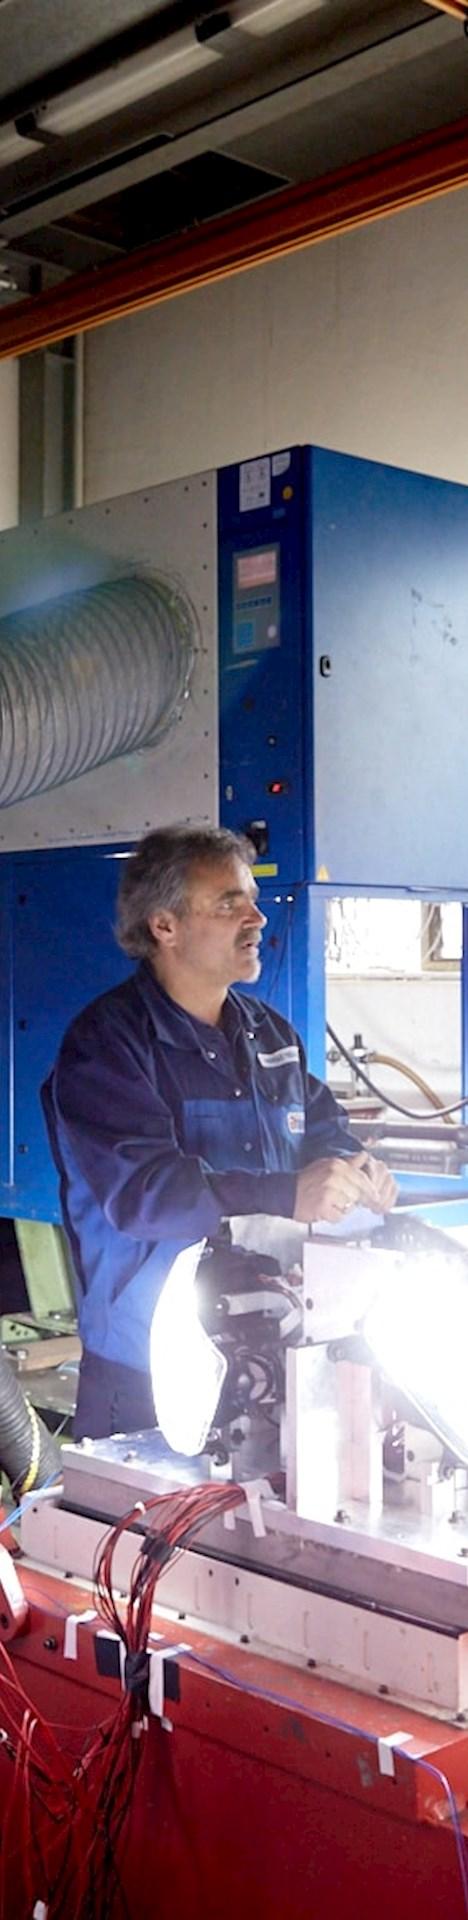 Betriebsfestigkeitsprüfung bei Brunel Car Synergies